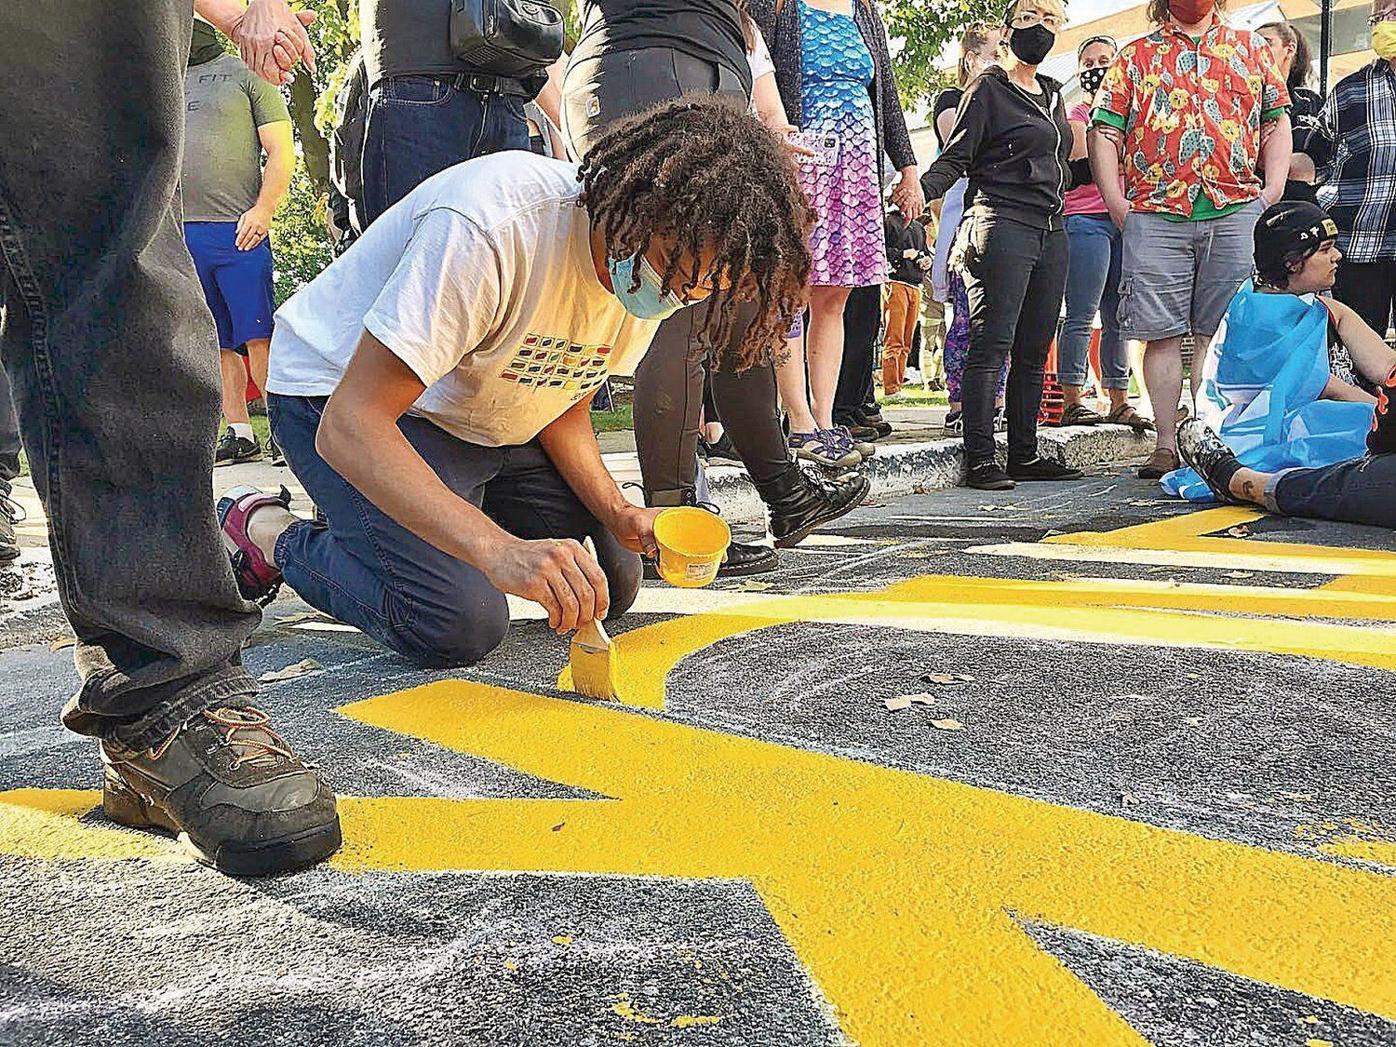 Bennington BLM mural finished despite protests